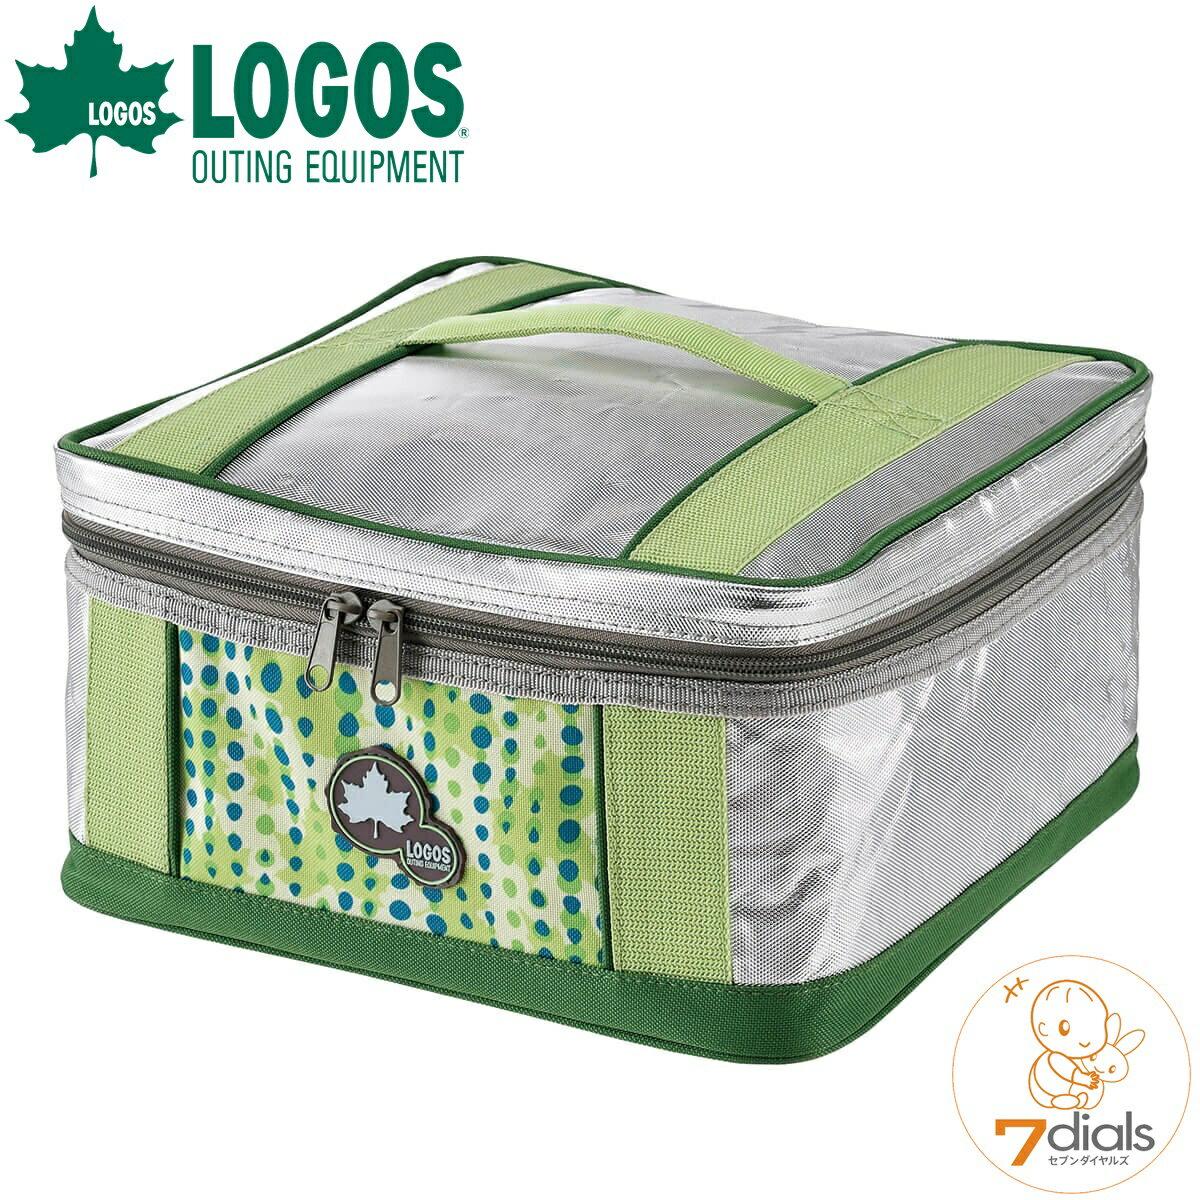 LOGOS/ロゴス insul10 ピザクーラー&ウォーマー 冷凍ピザの保冷や焼いたピザの保温の両方に使える 飲み物の保冷バッグにも使えます